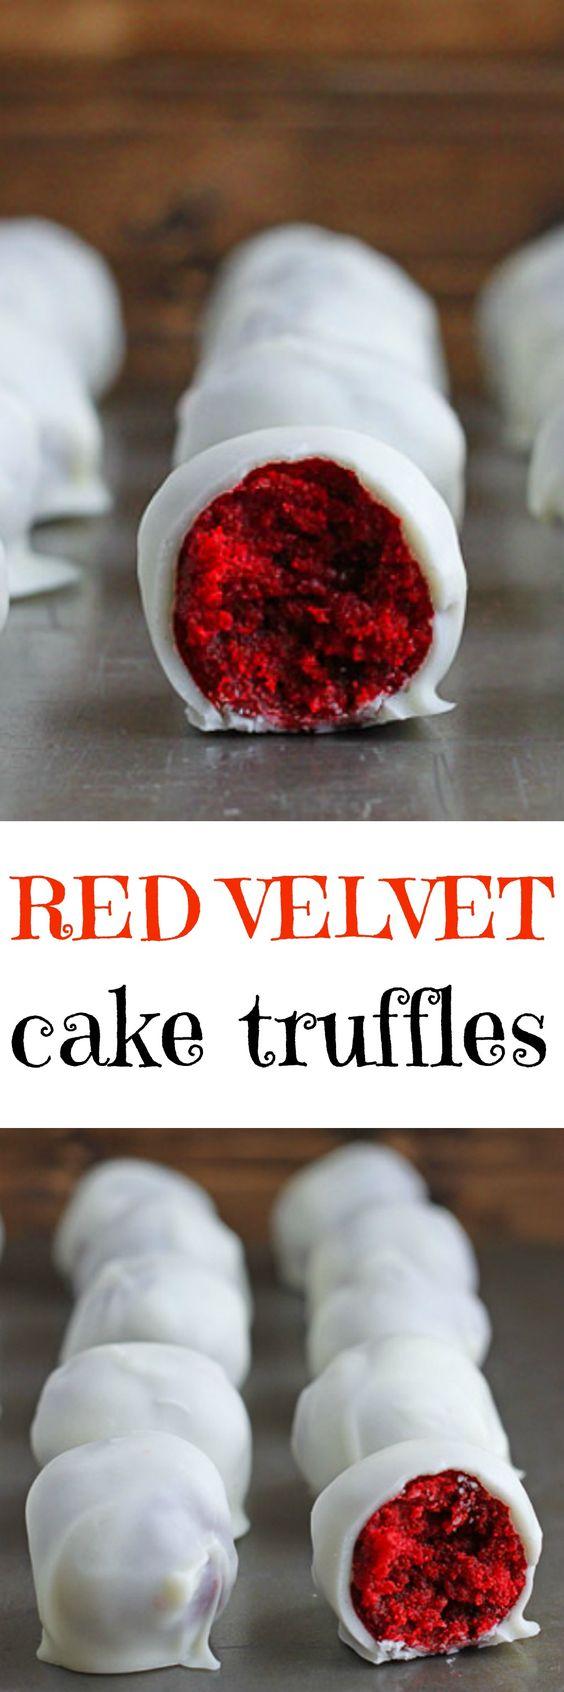 Red Velvet Cake for Christmas. Try delicious DIY cake recipes for Christmas.